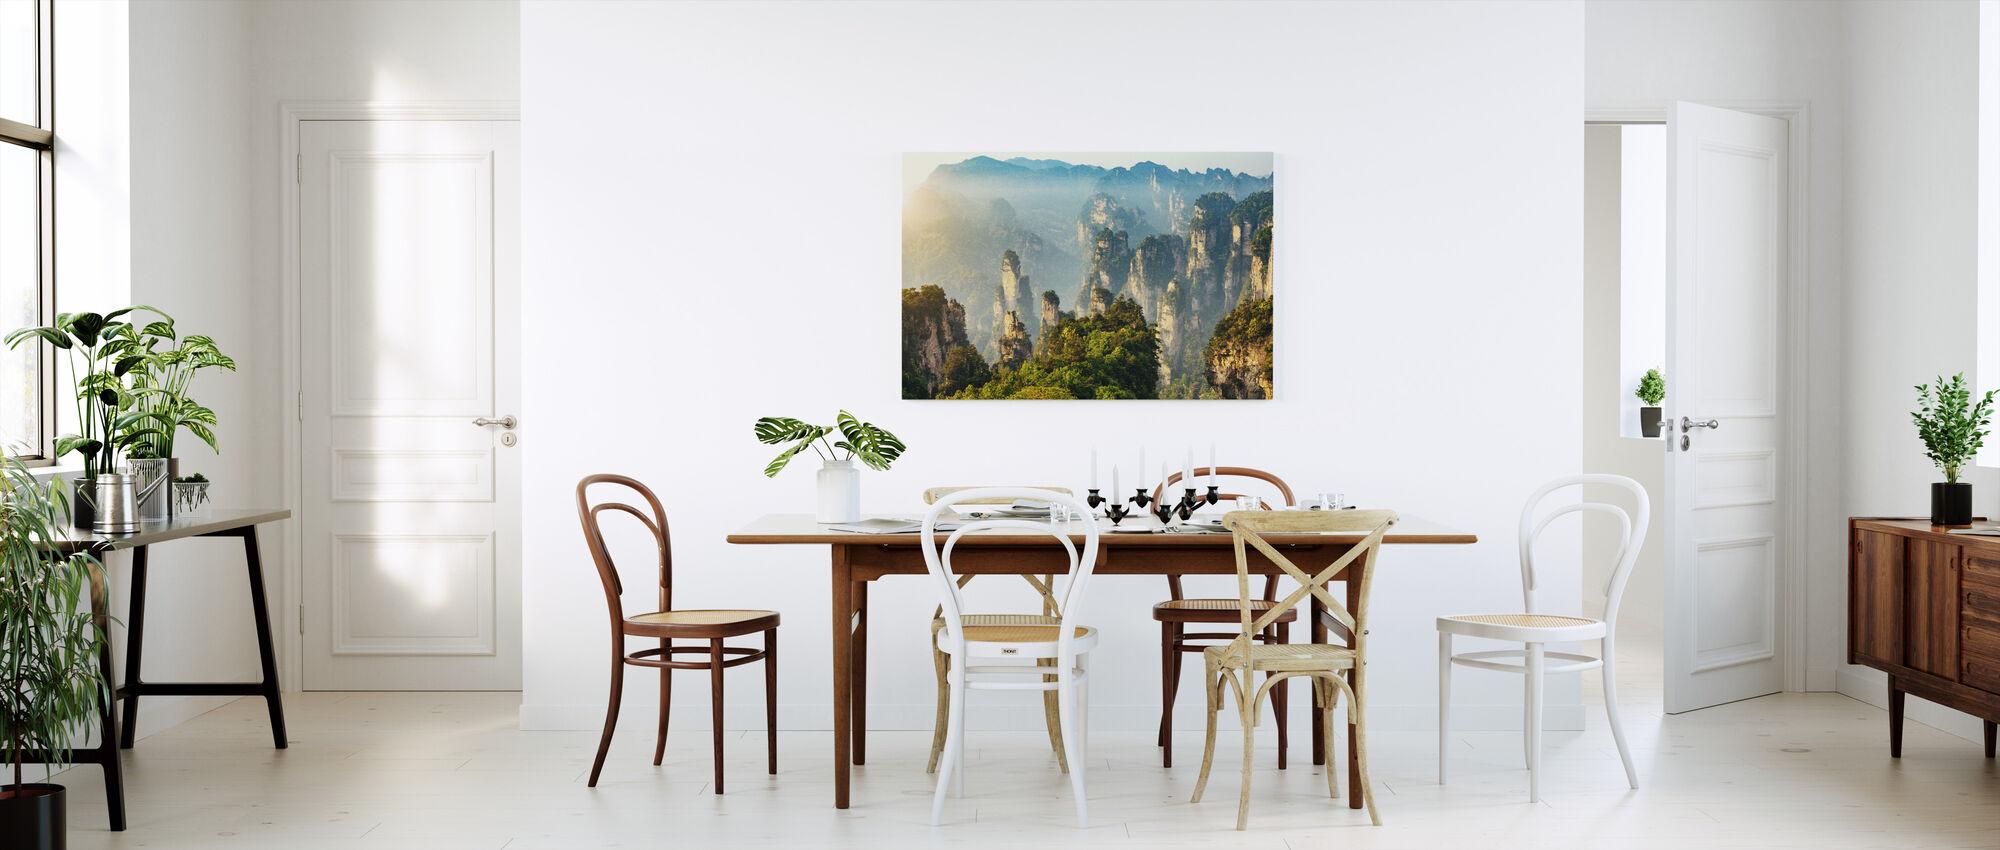 Zhangjiajie National Forest Park - Billede på lærred - Køkken